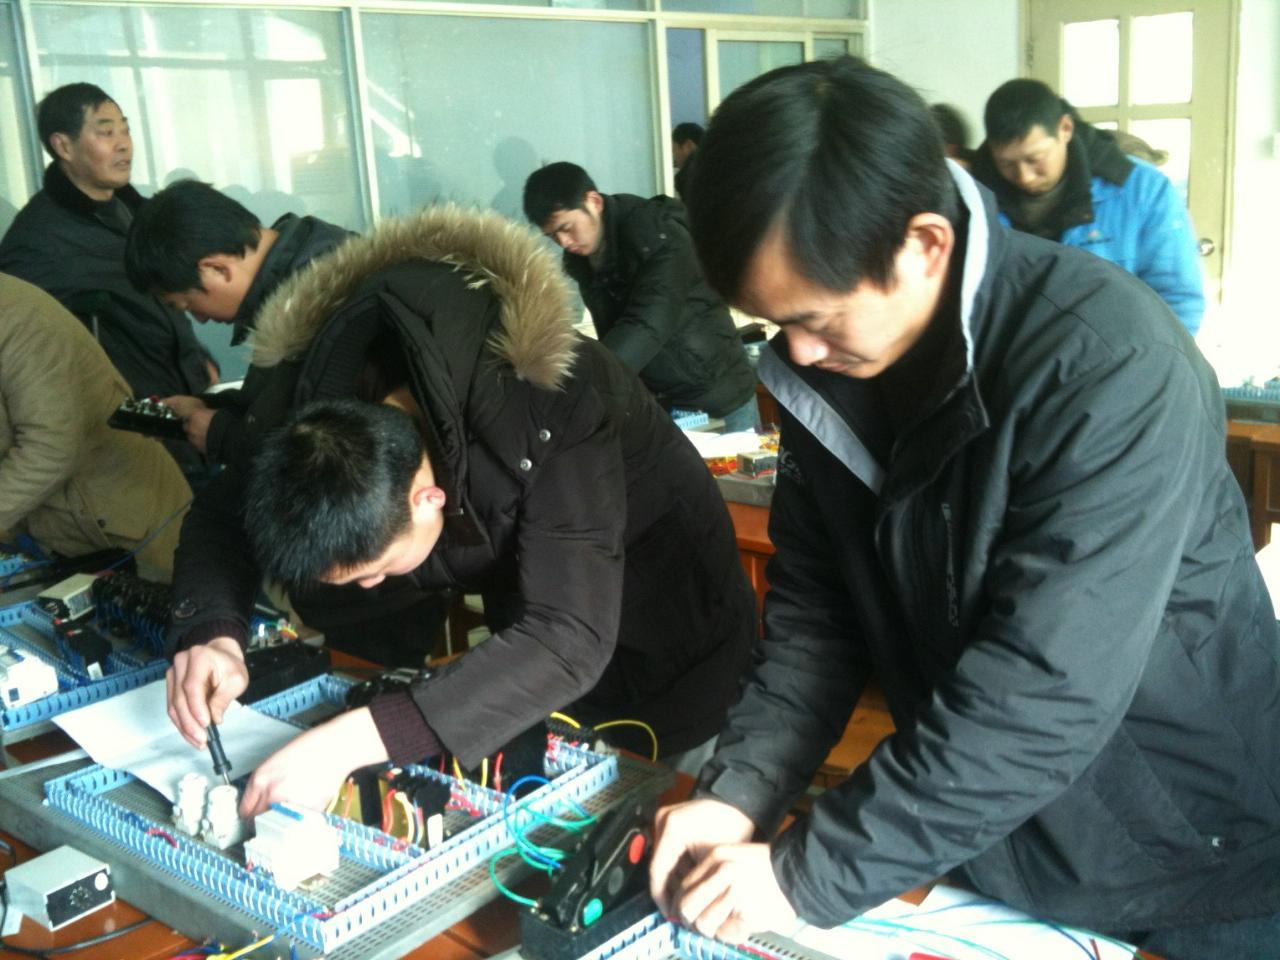 本校常年办理电焊、电工、架子工、信号工等操作证